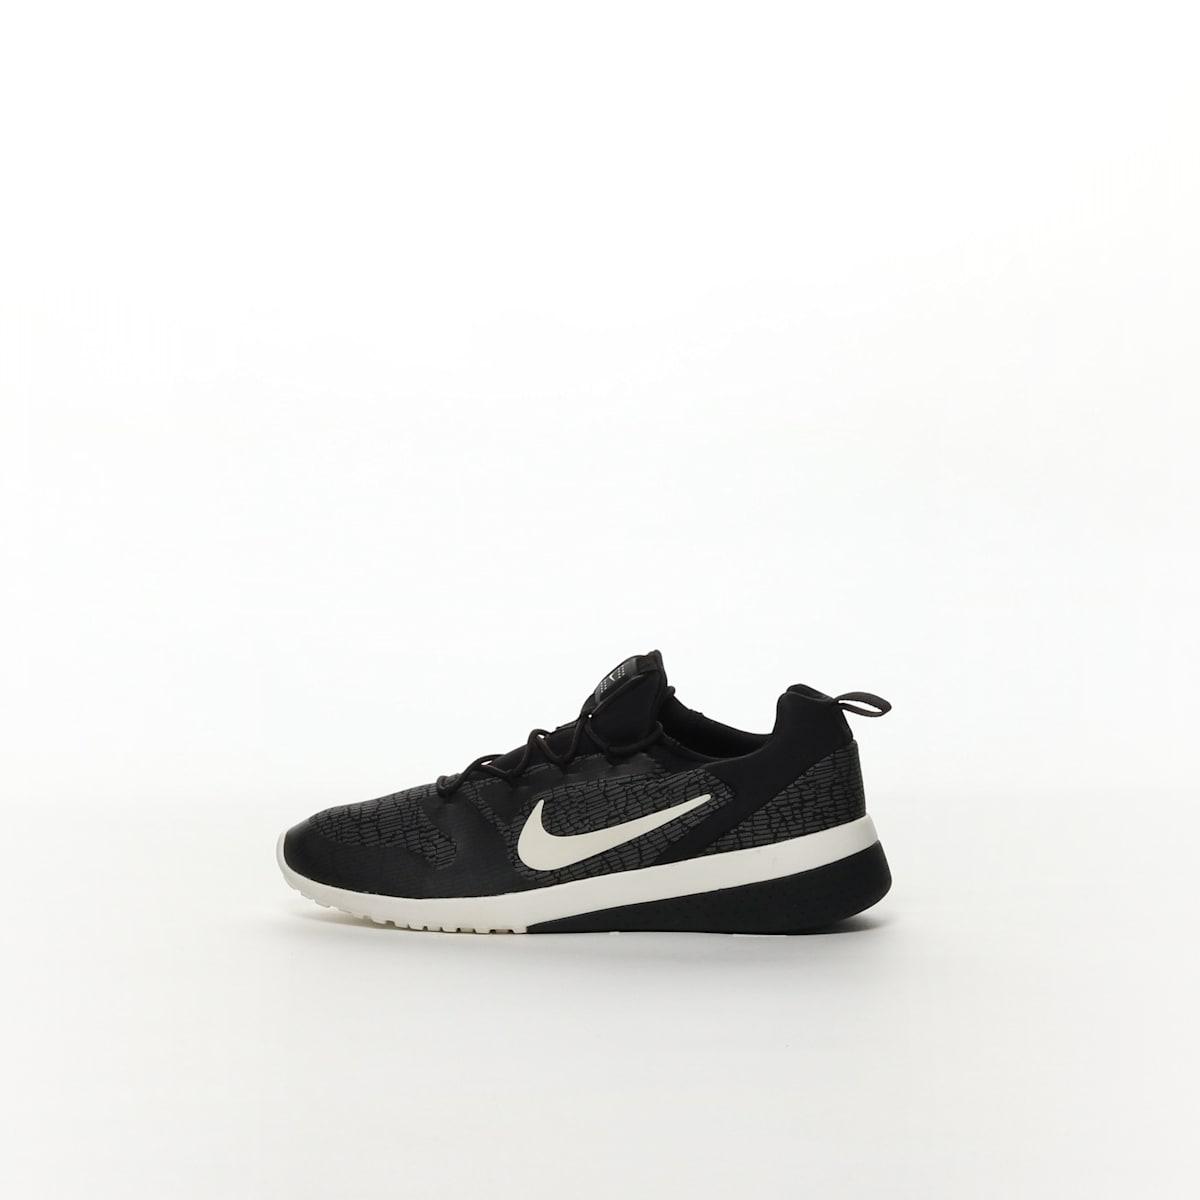 new product 53186 e1da8 Actual Shoe. nike ck racer ...